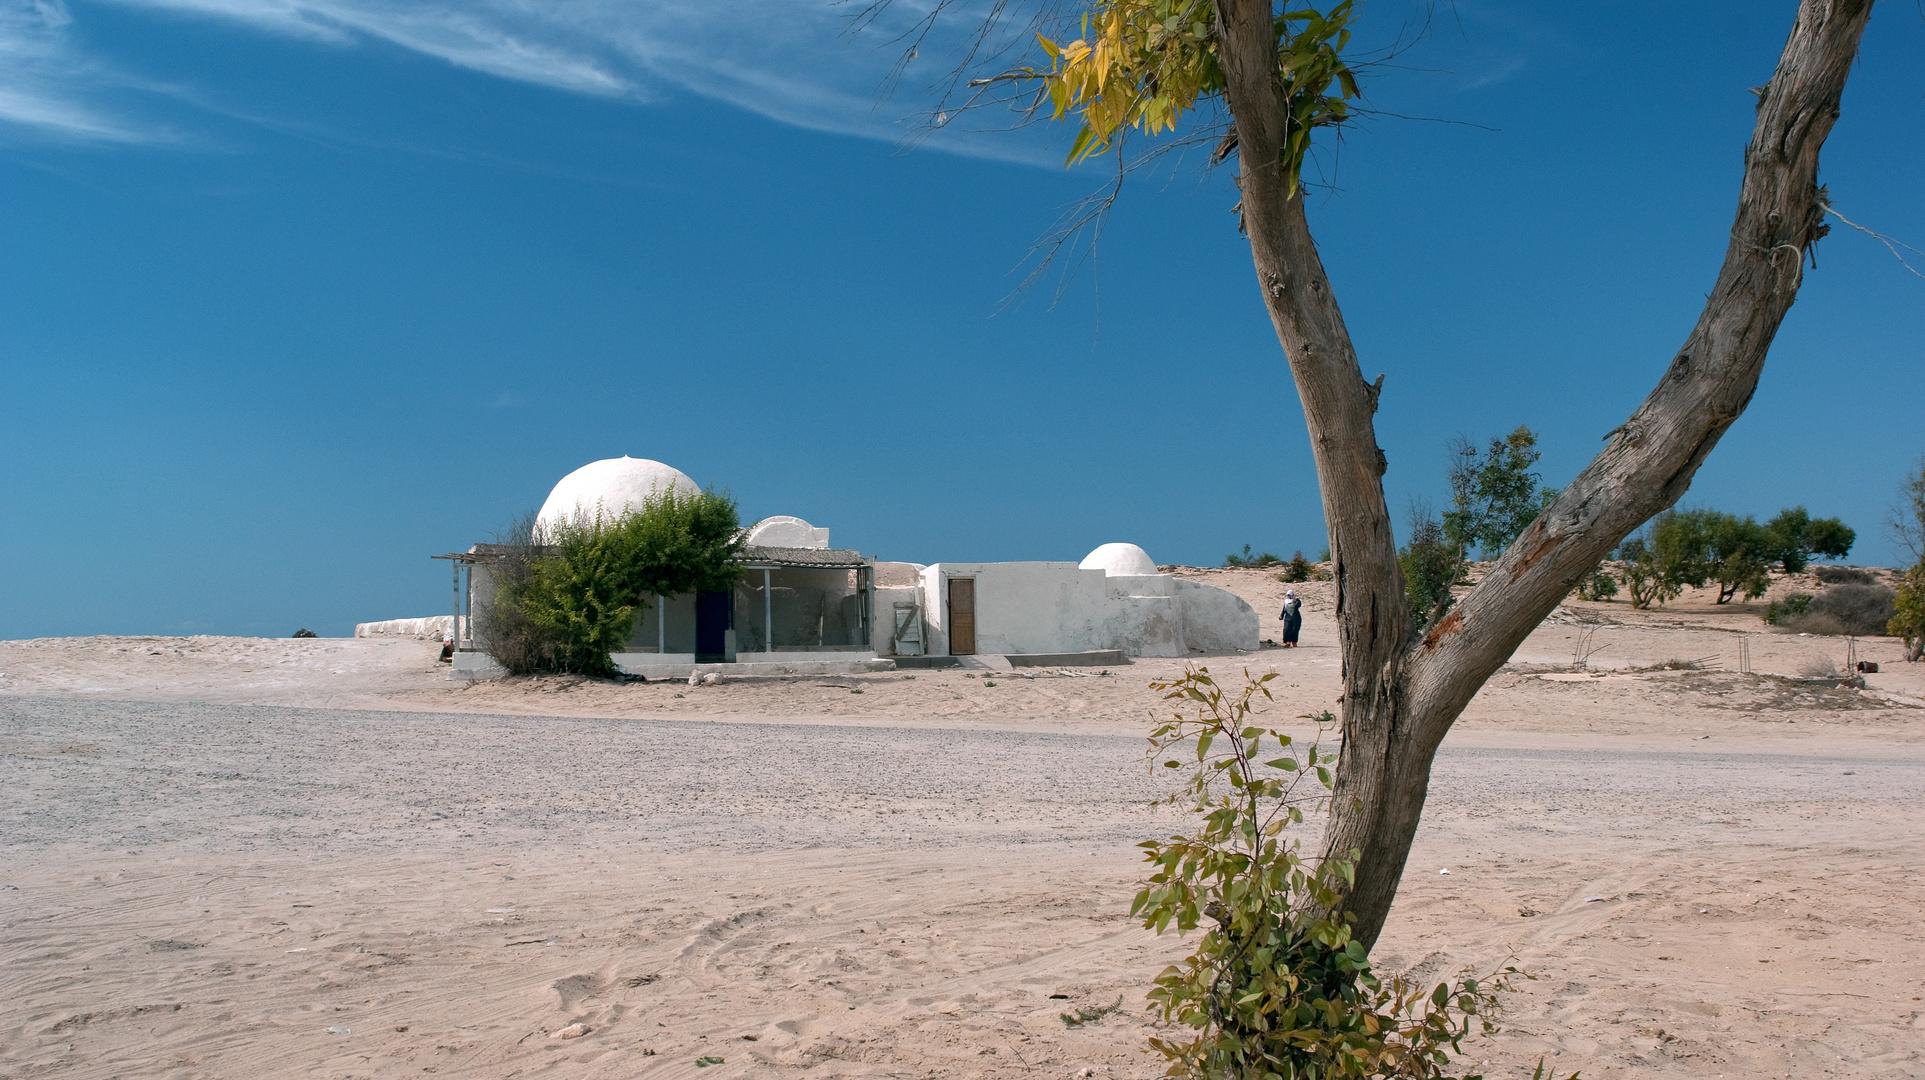 Sidi Djimour